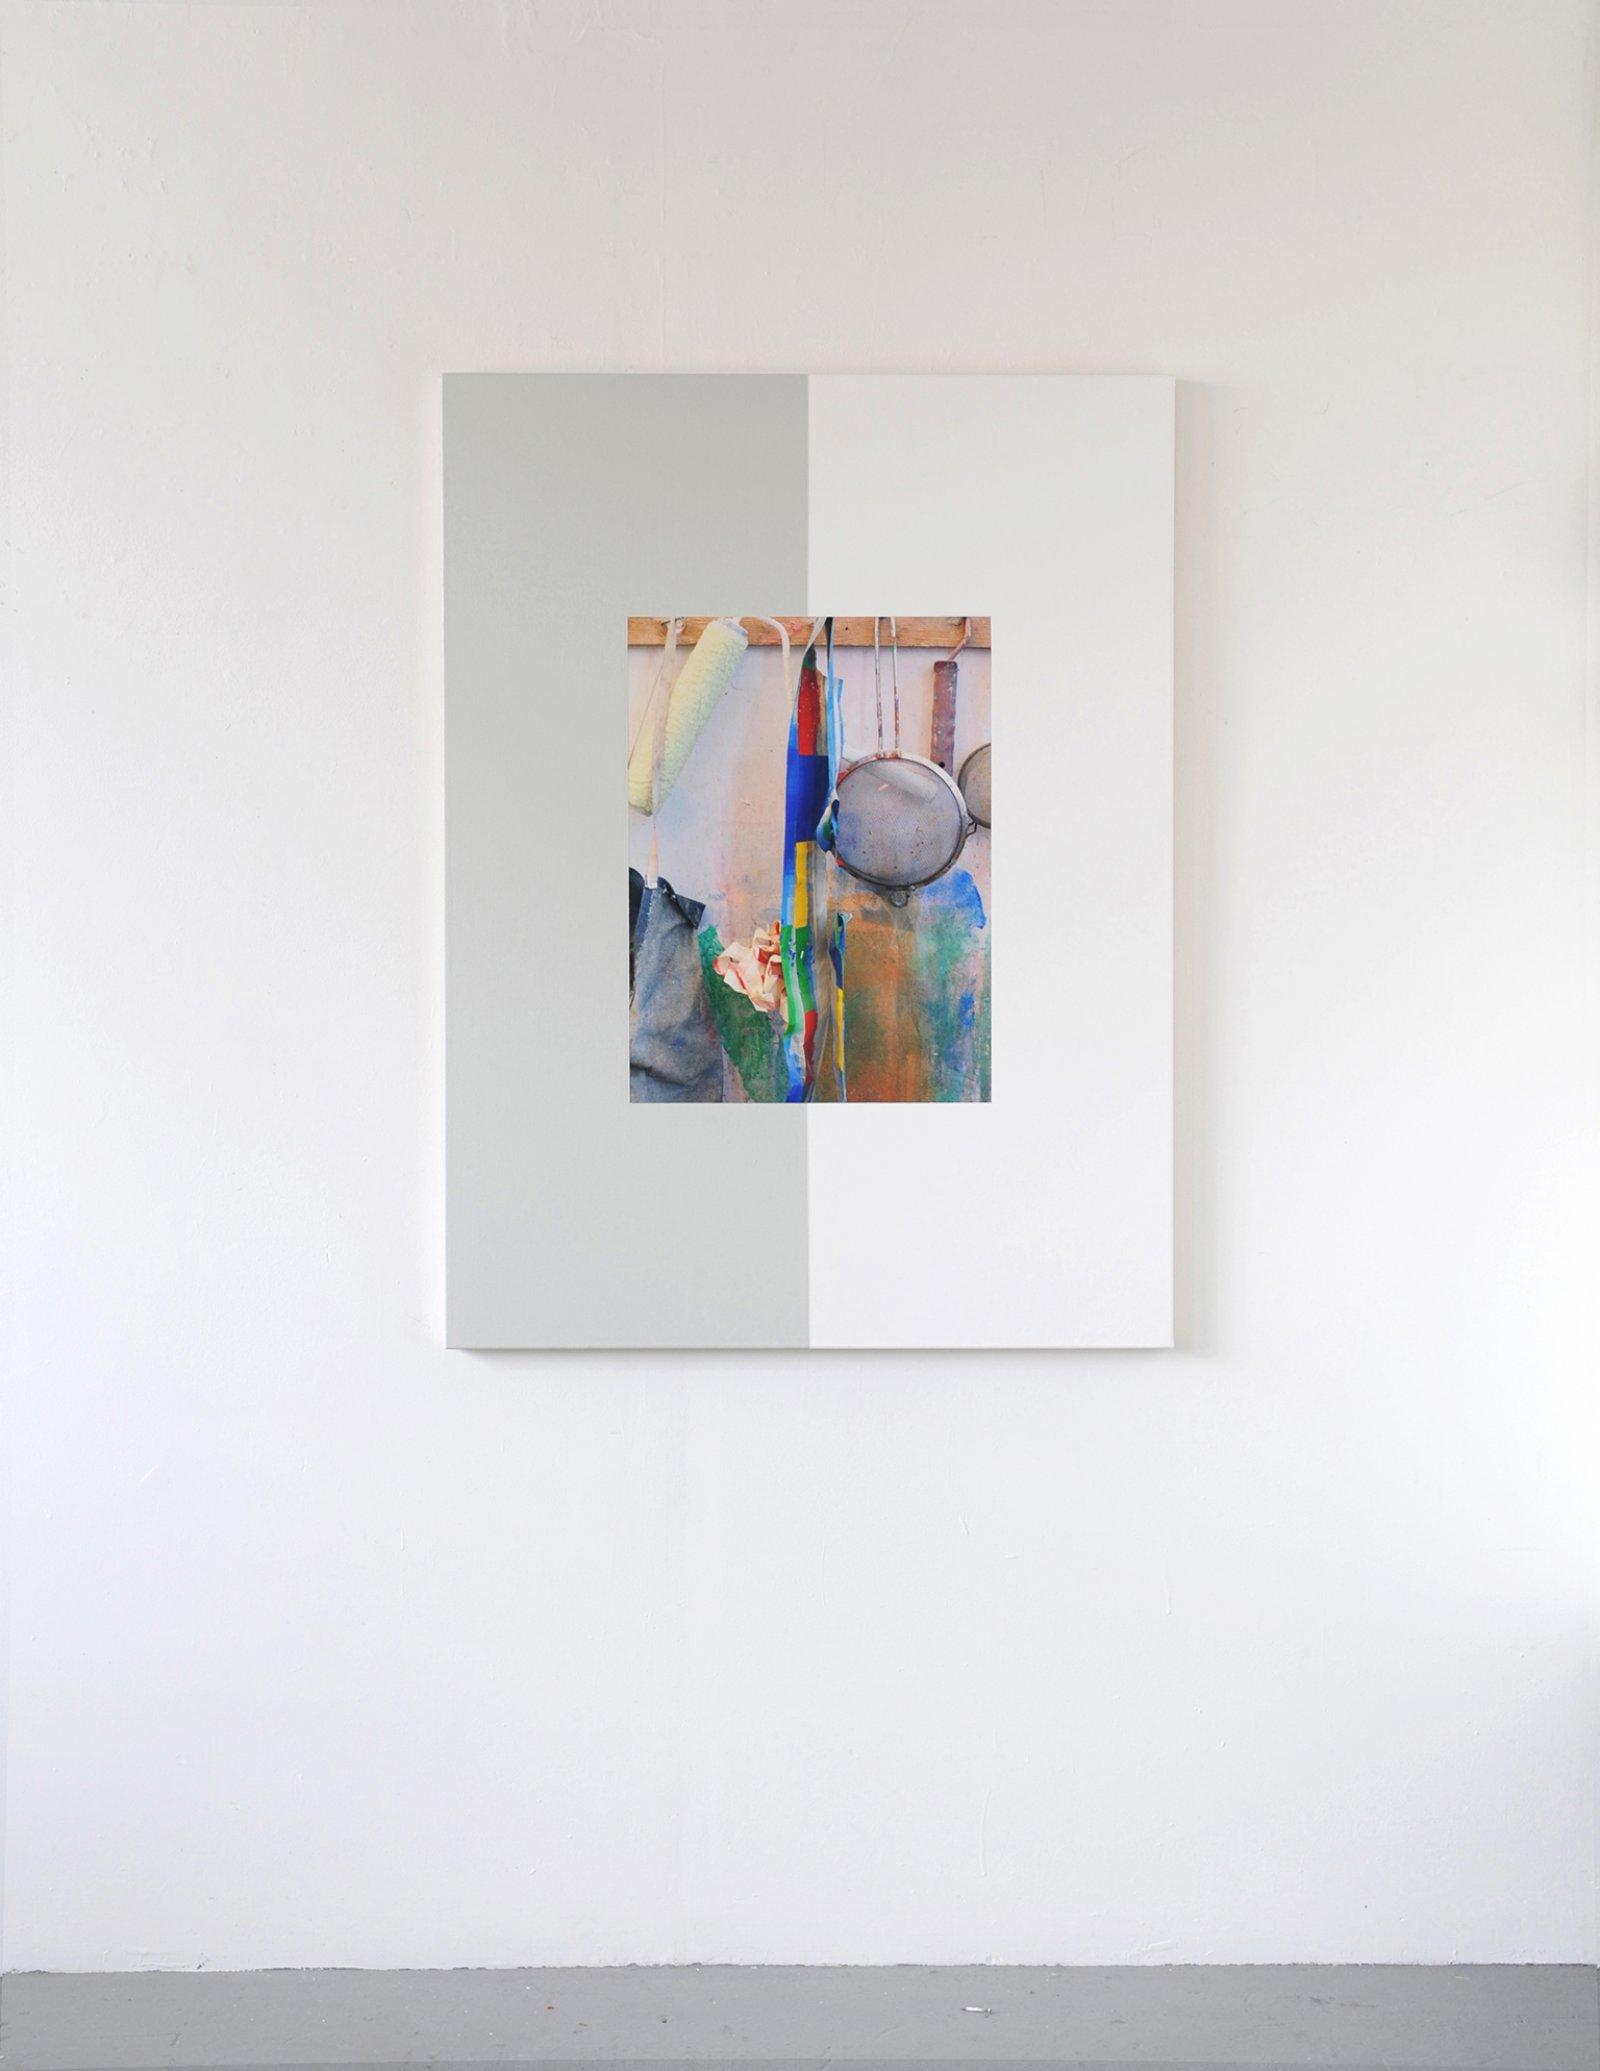 Ian Wallace,Les Traces de la Peinture (Molinari Series) VI, 2012,photolaminate and acrylic on canvas, 60 x 48 in. (152 x 122 cm)